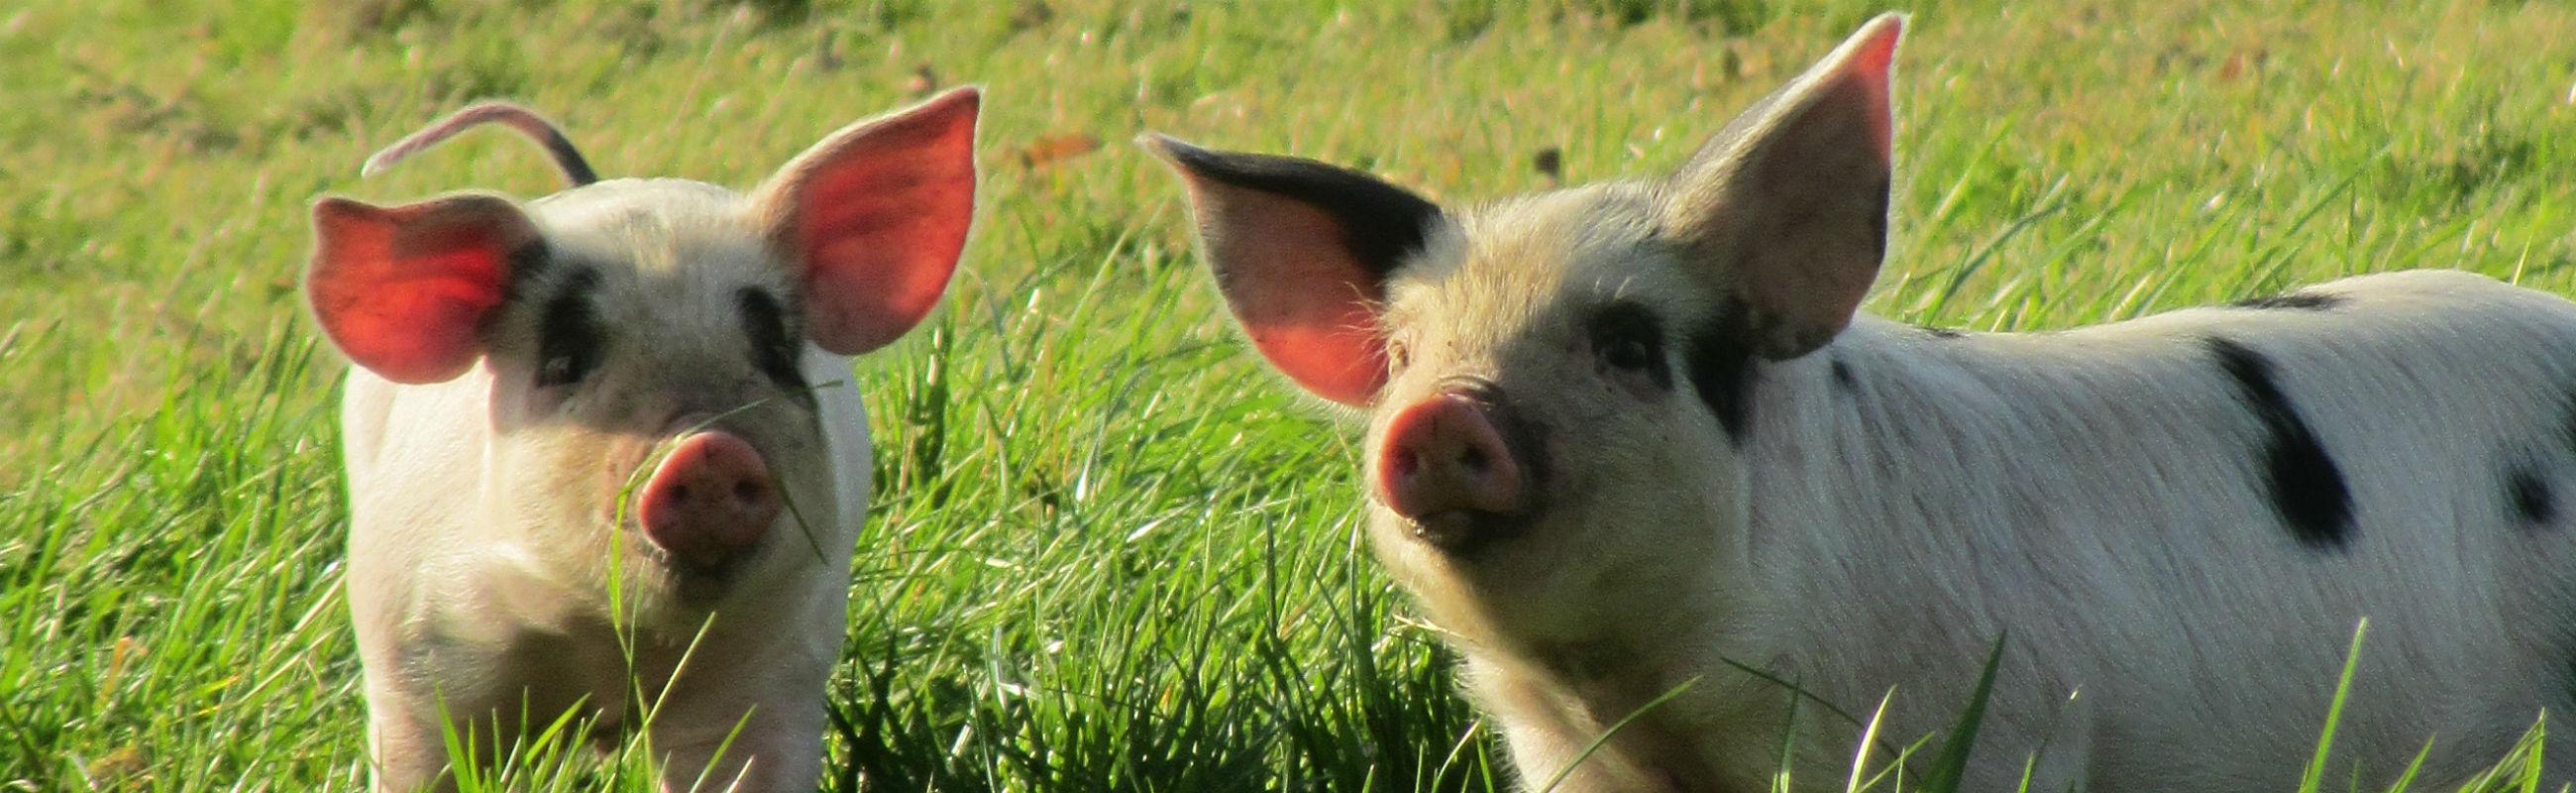 SCA – pigs for slider